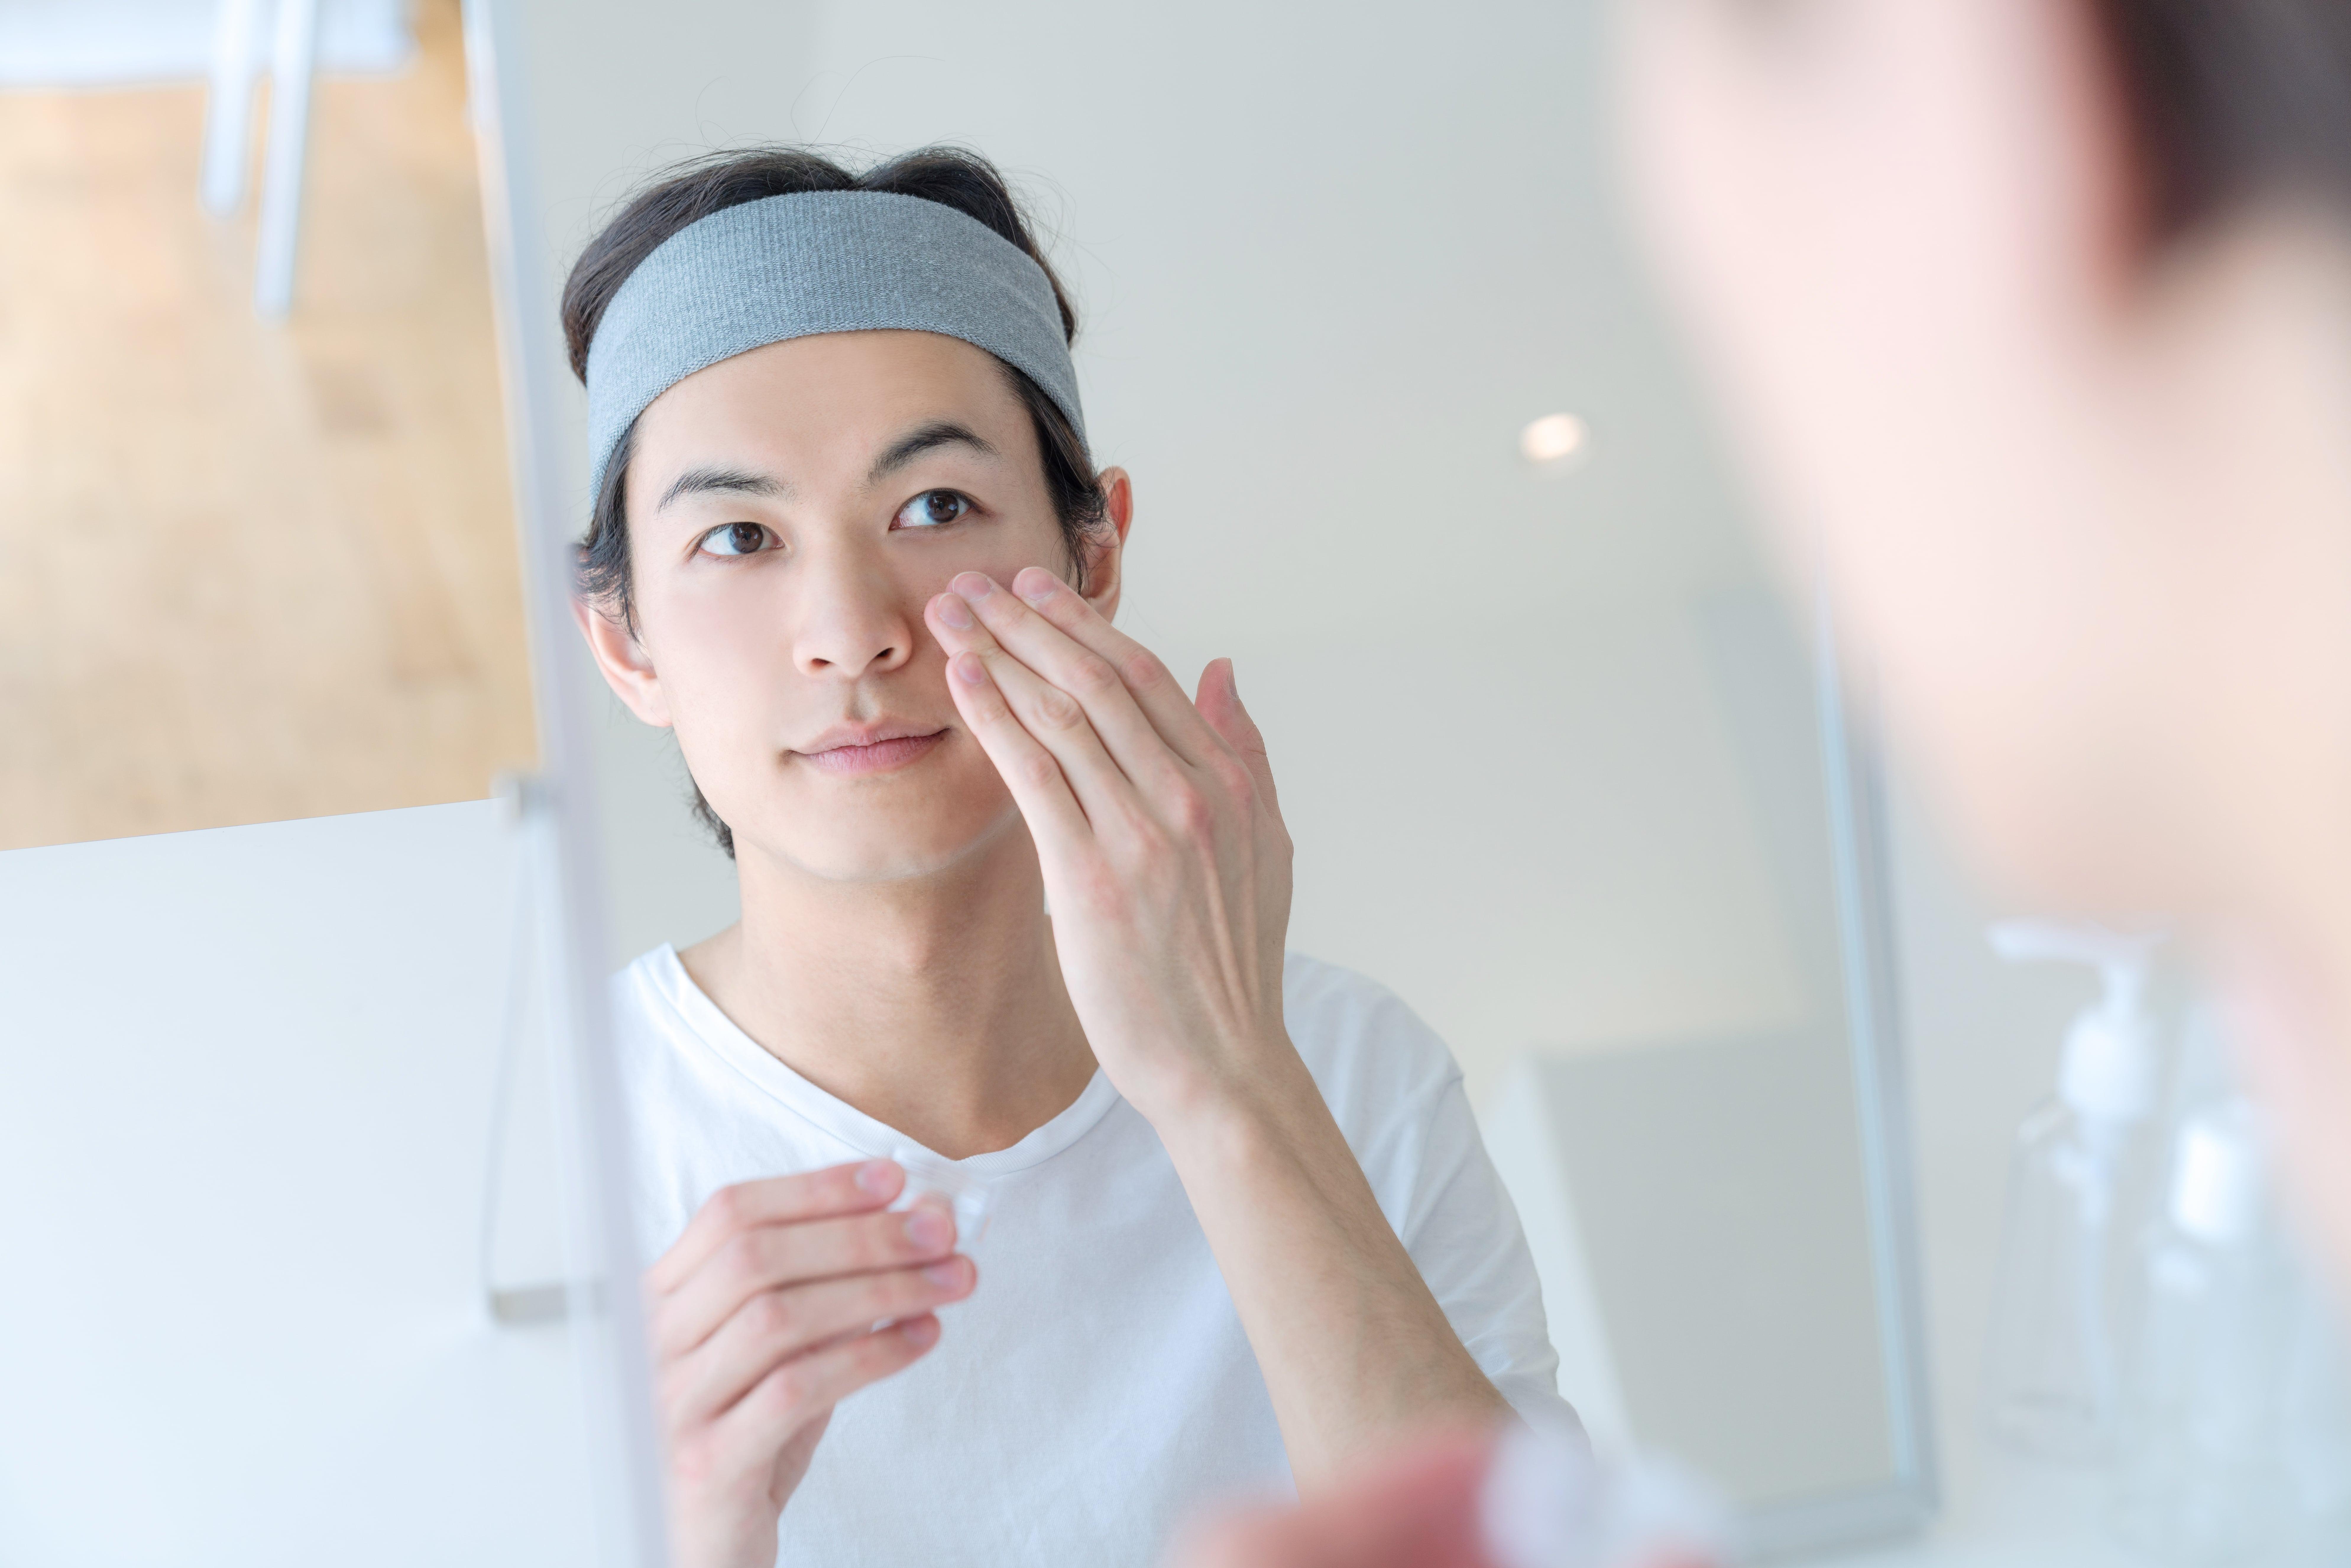 顔のテカリを防止する方法とテカる原因【メンズ必見】